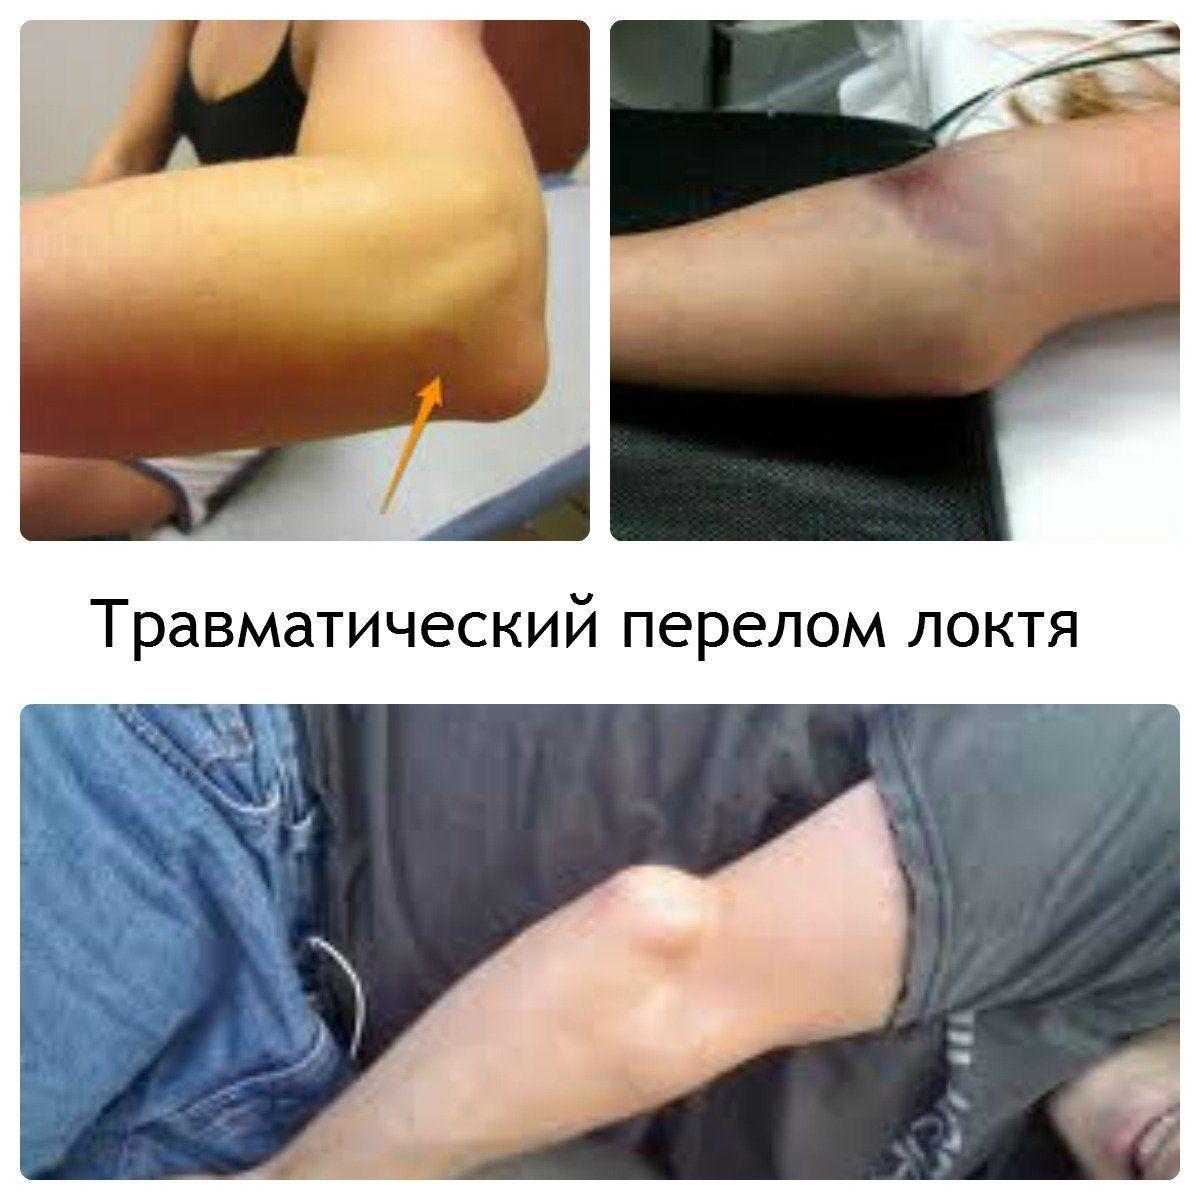 Внутрисуставной перелом, характеристики травмы, симптомы и помощь